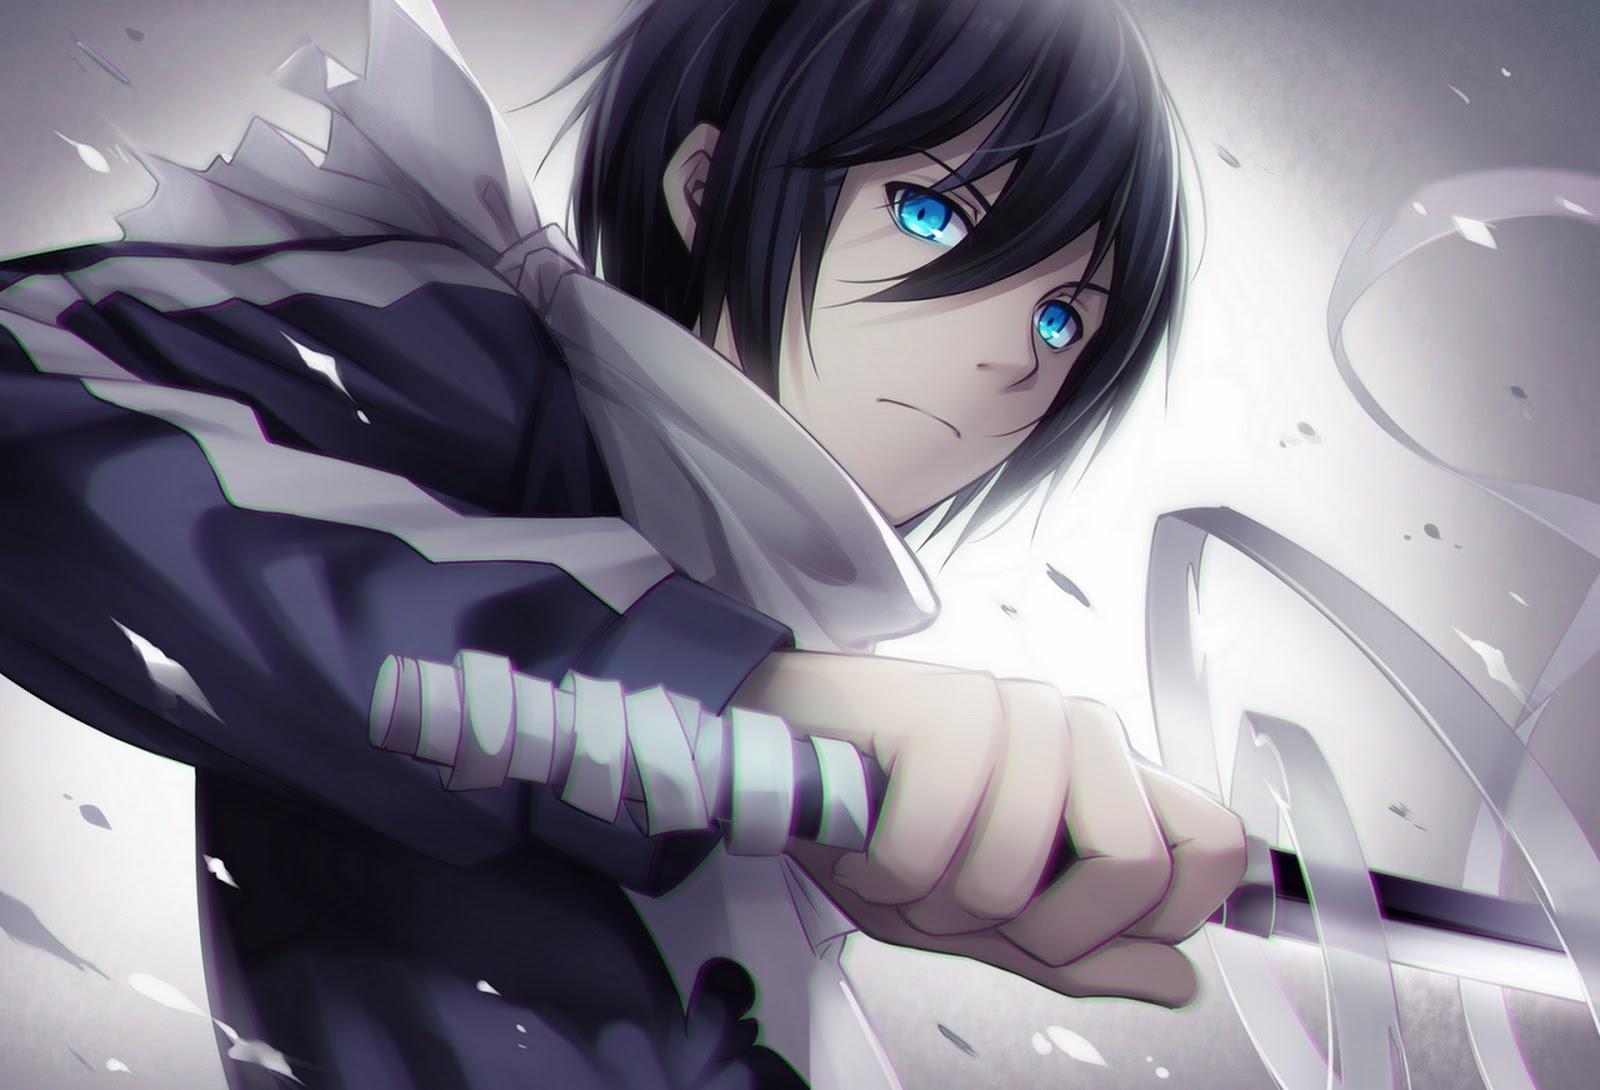 Hình anime boy tóc đen cầm kiếm lạnh lùng